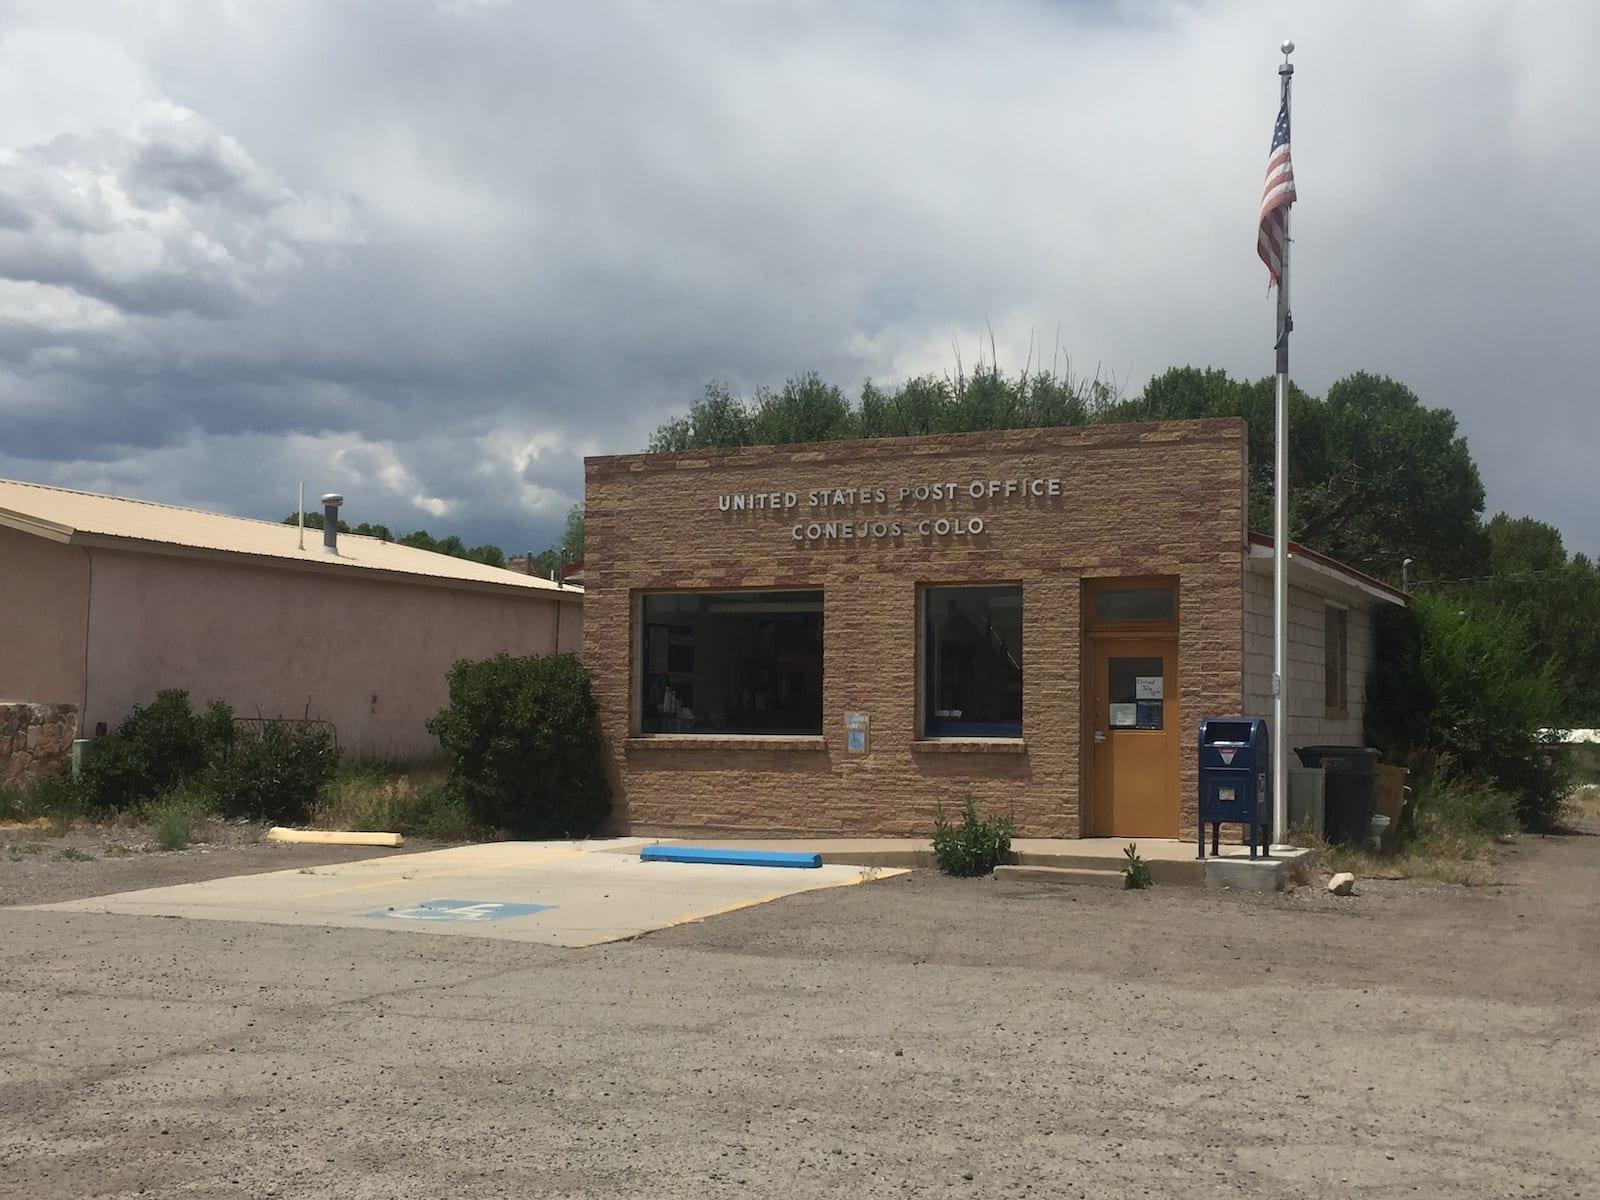 Conejos Colorado Post Office